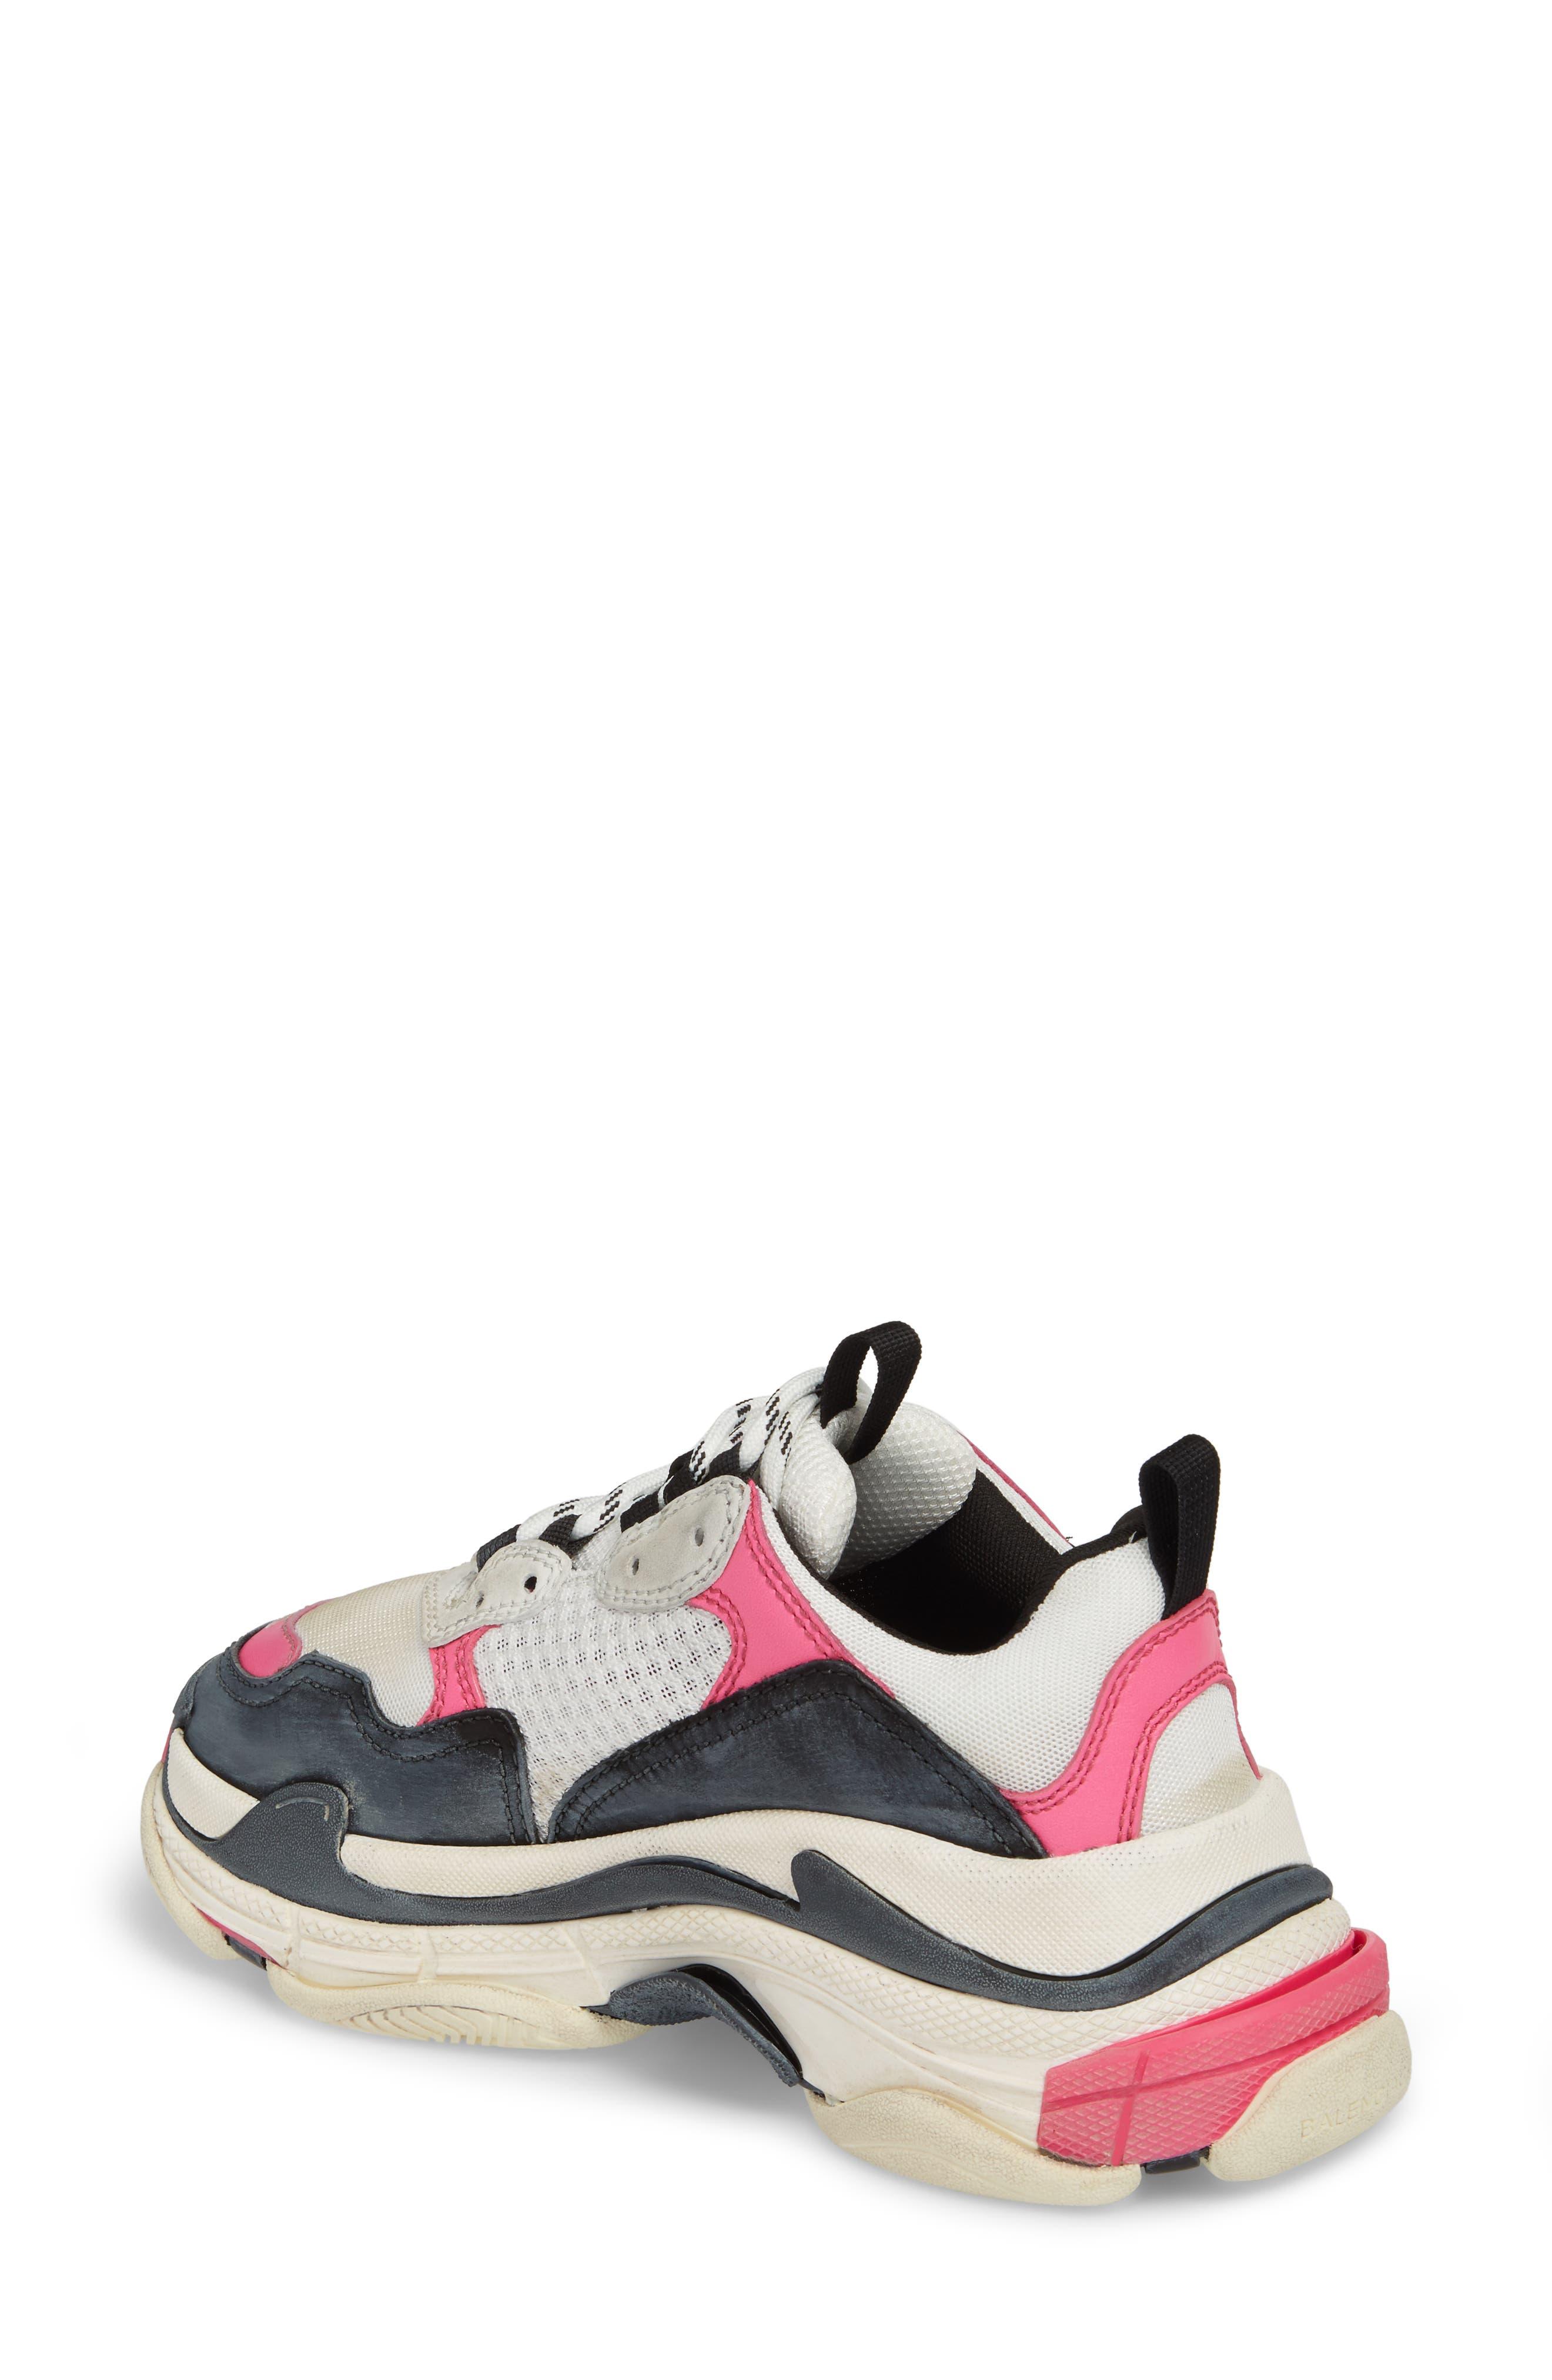 BALENCIAGA,                             Triple S Low Top Sneaker,                             Alternate thumbnail 2, color,                             WHITE/ BLACK/ PINK